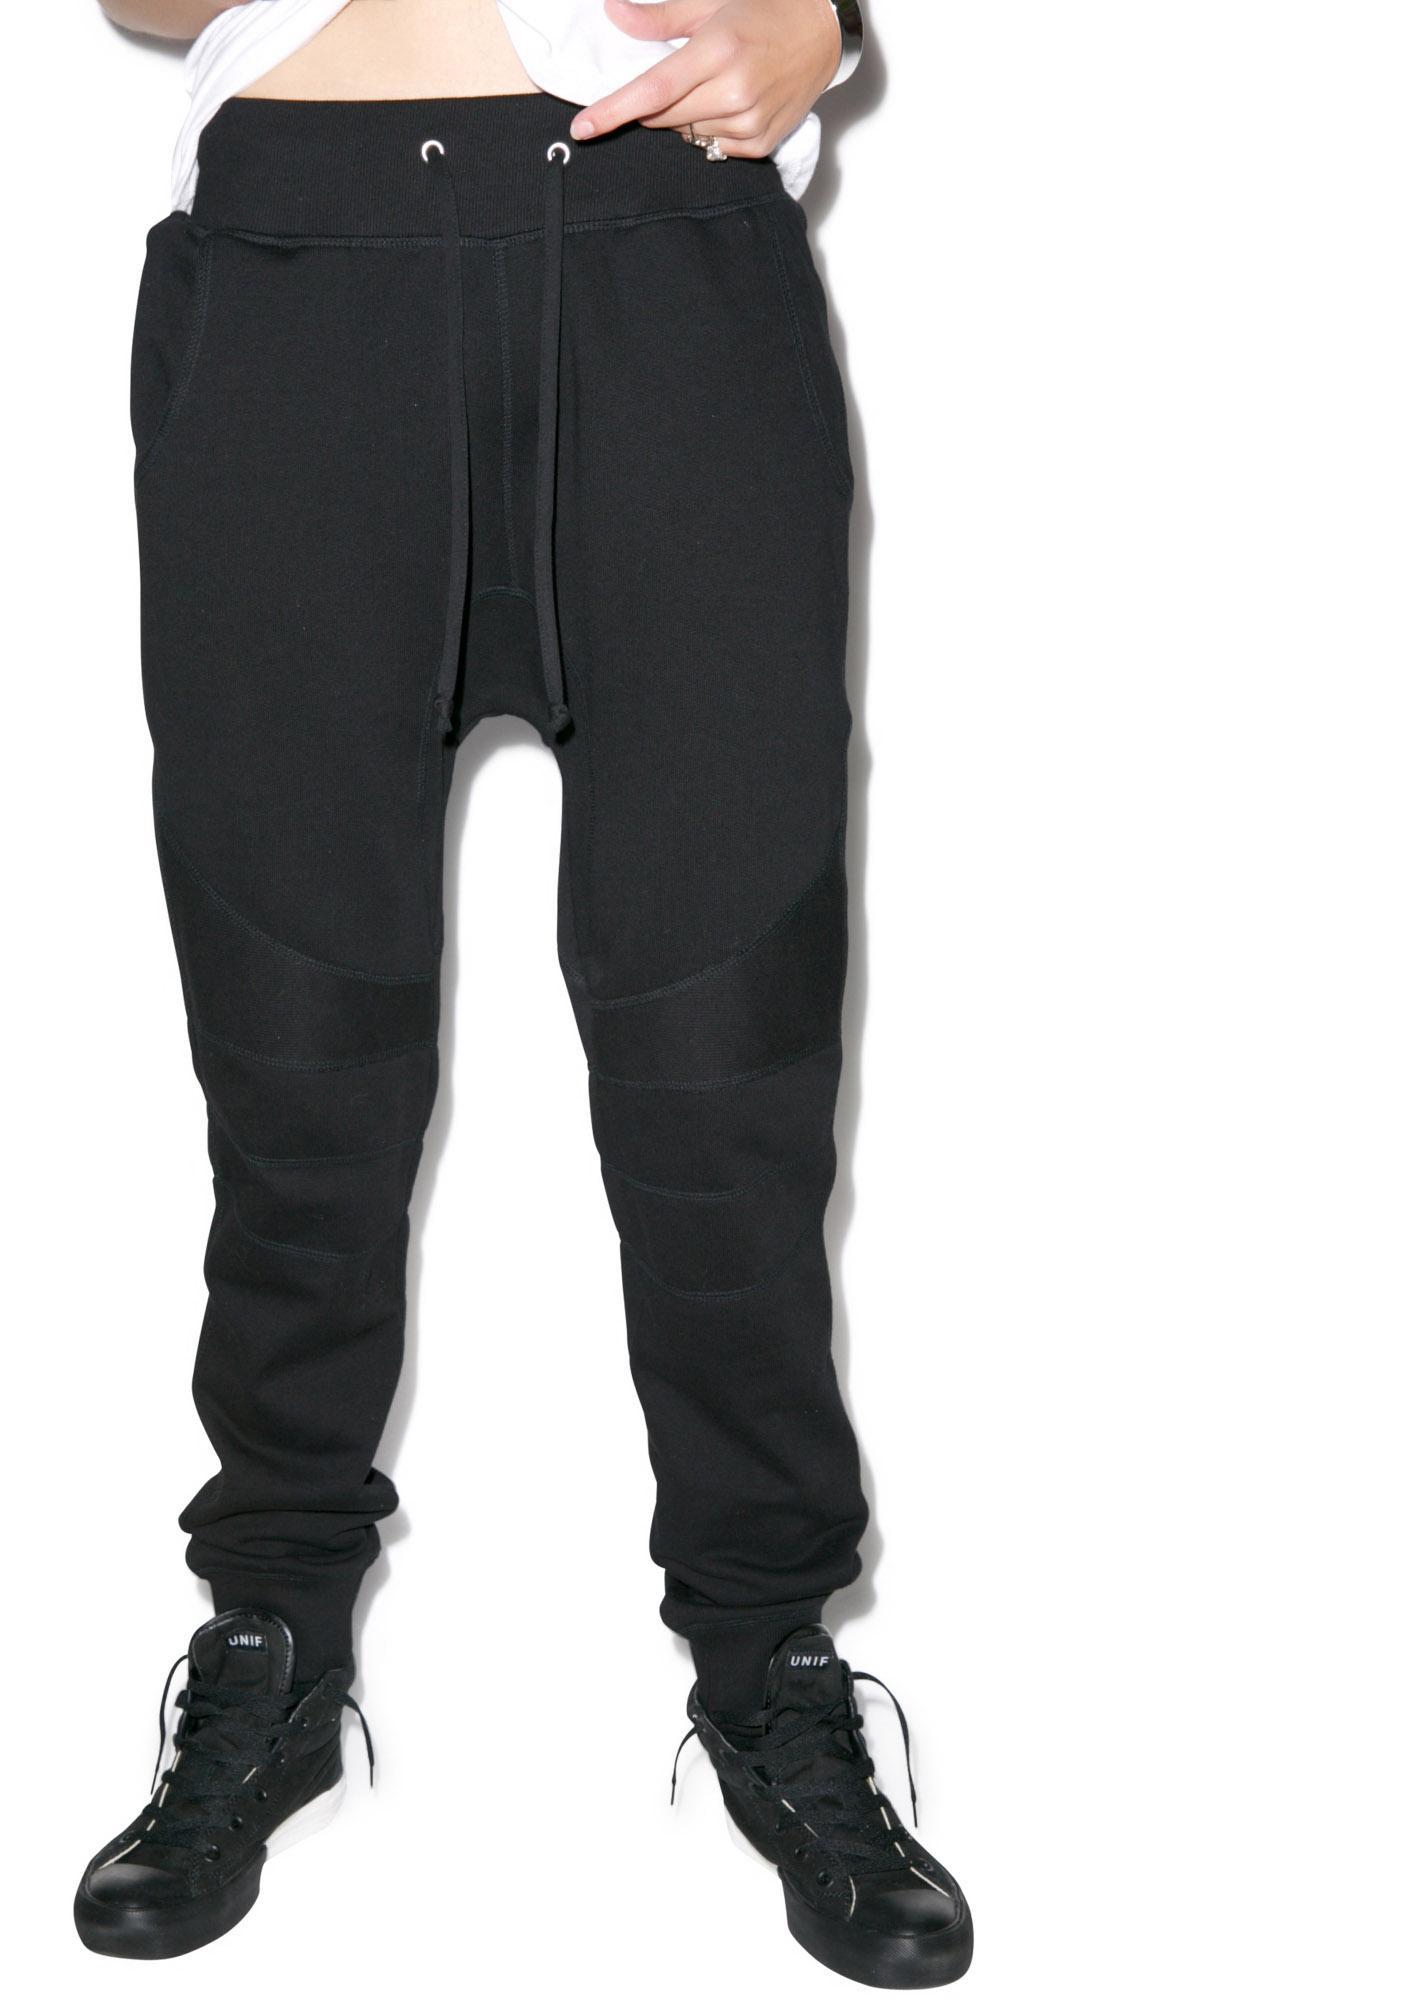 D9 Reserve Drop Crotch Biker Pant